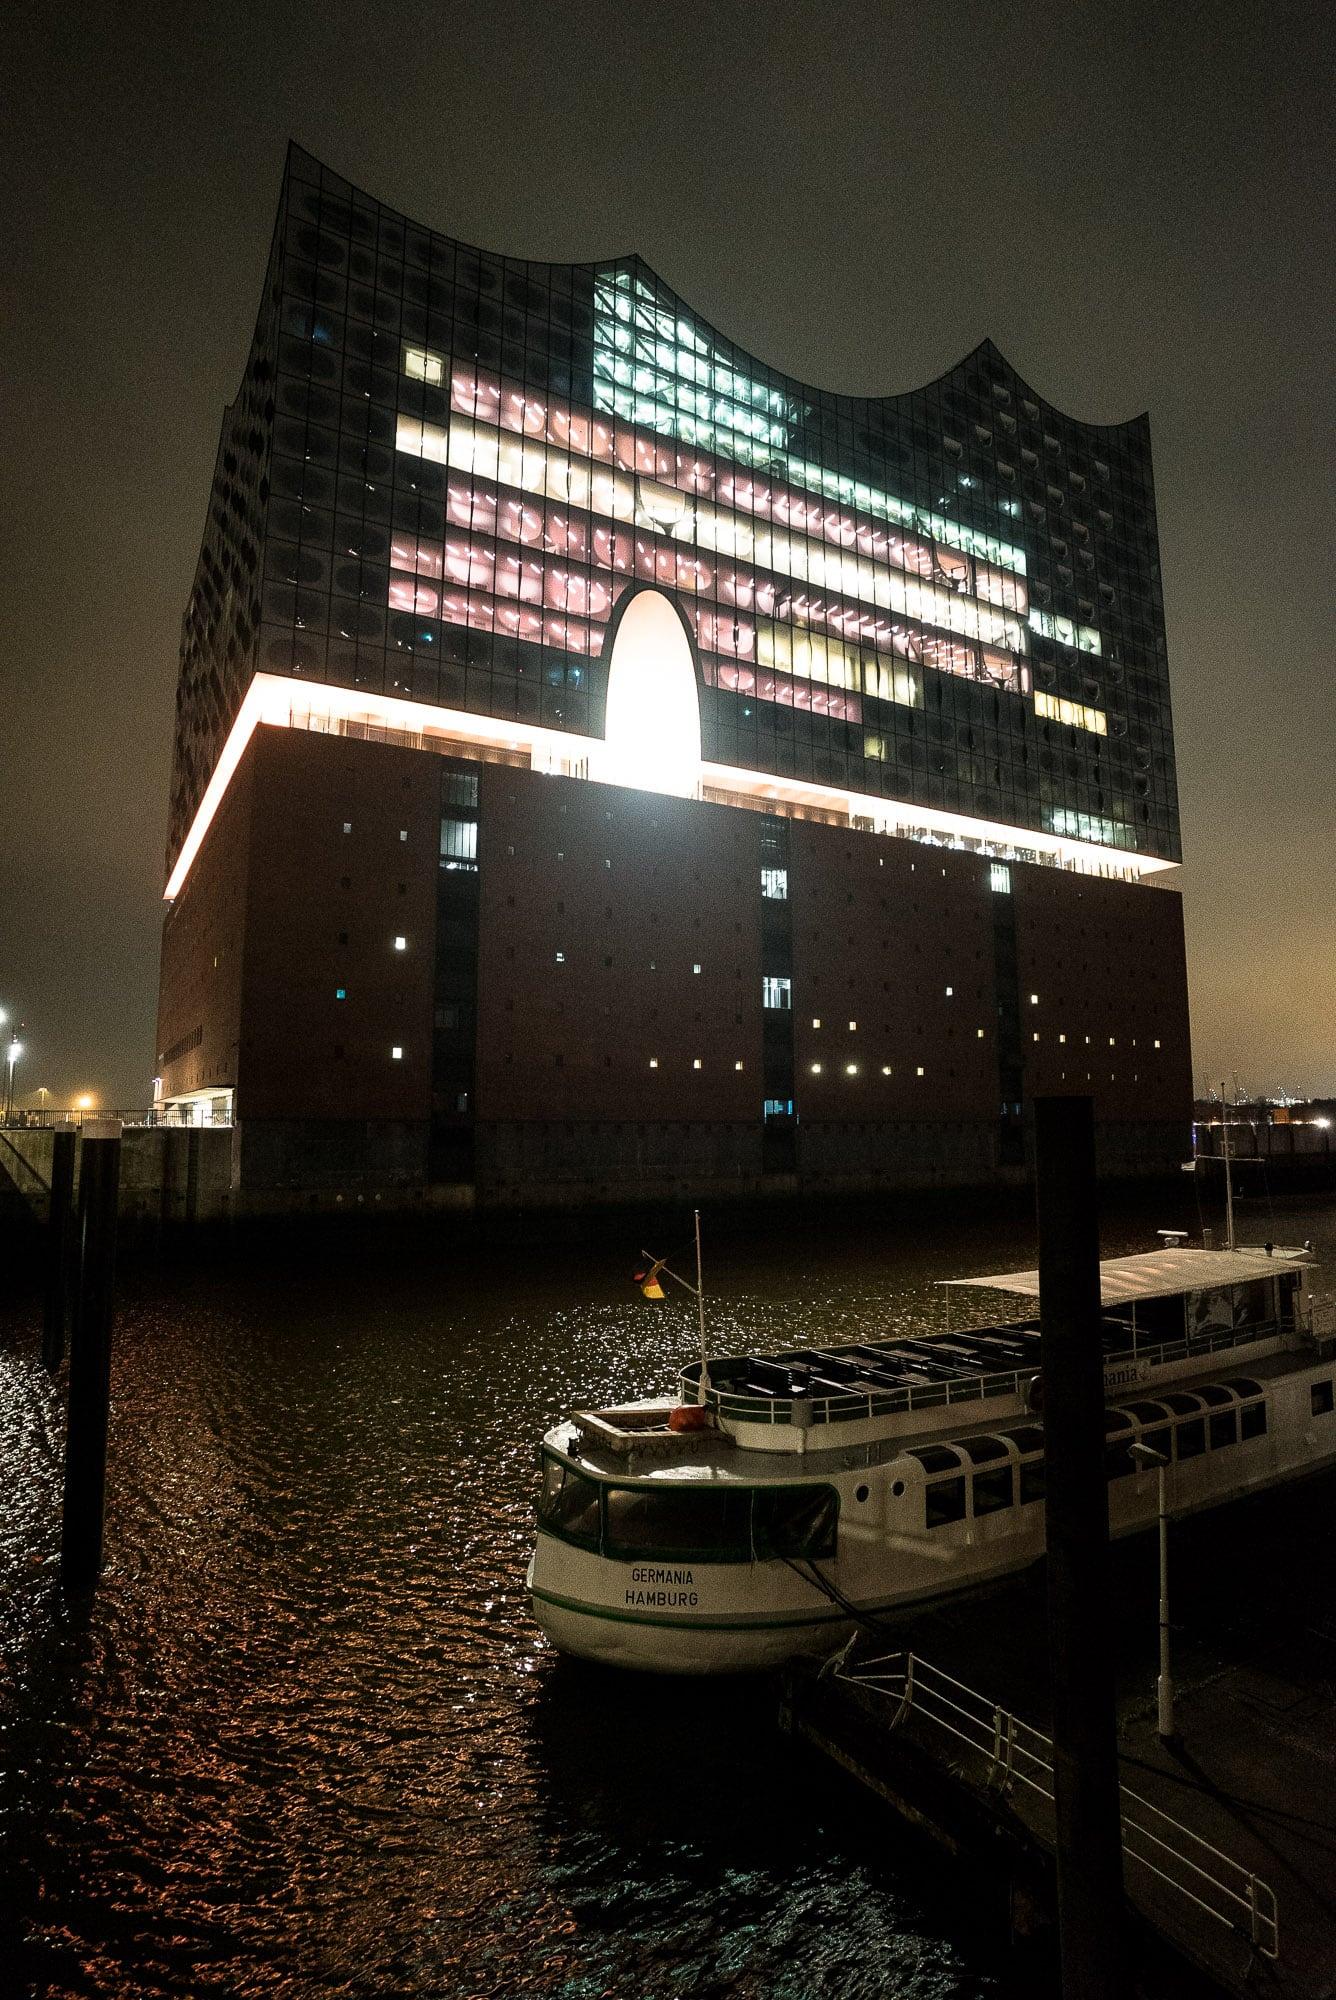 Elbphilharmonie at night